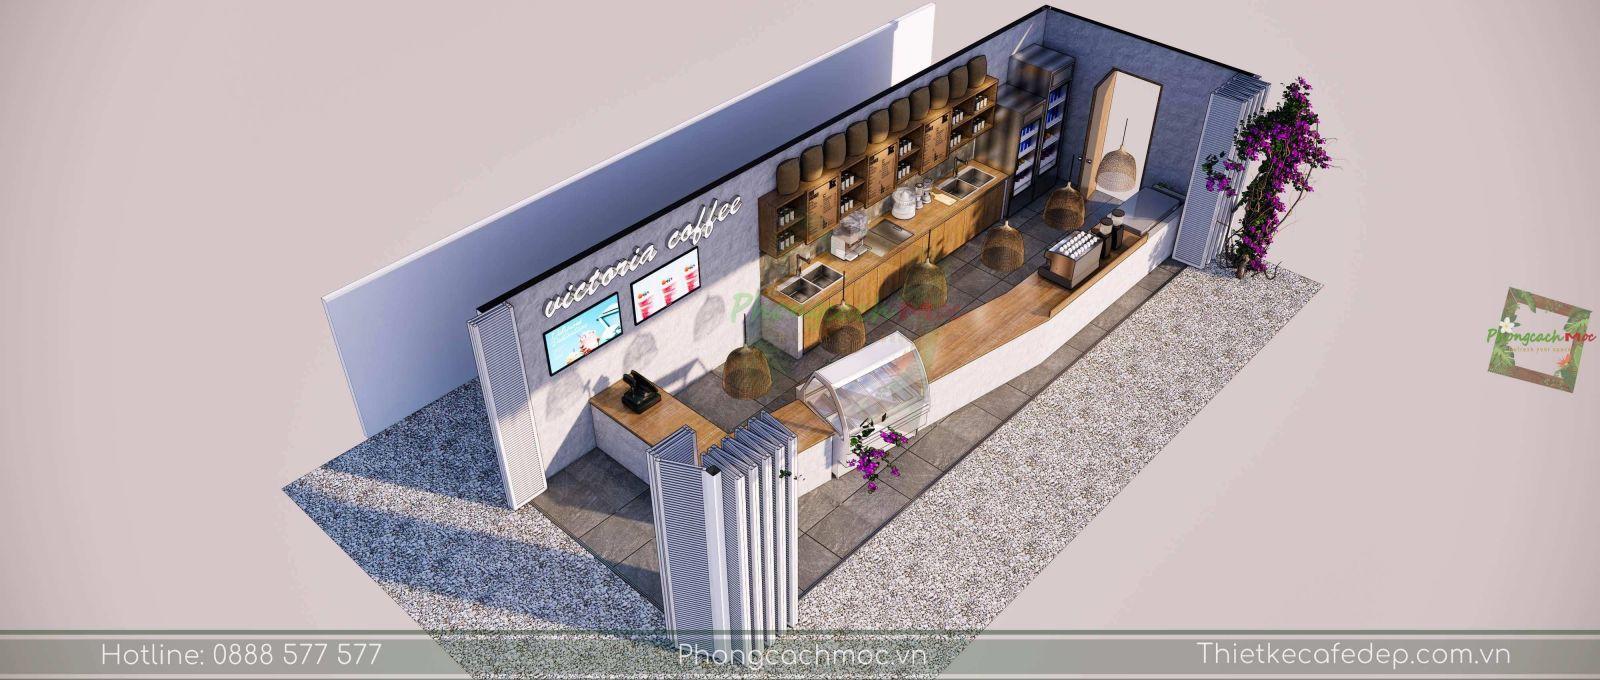 layout thiết kế khu vực quầy bar quán cafe victoria coffee